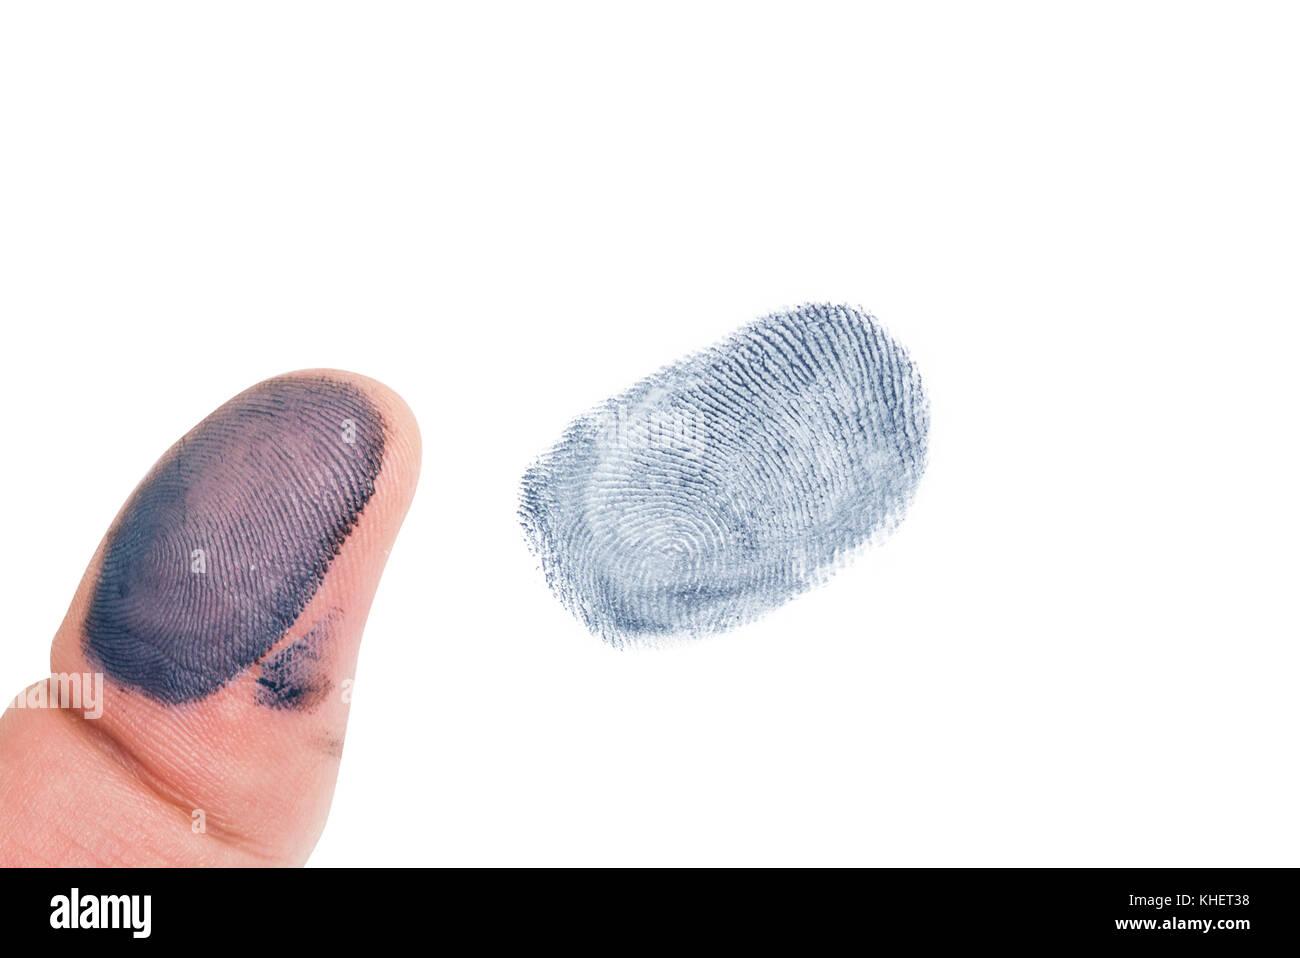 Latent Fingerprint Stock Photos Amp Latent Fingerprint Stock